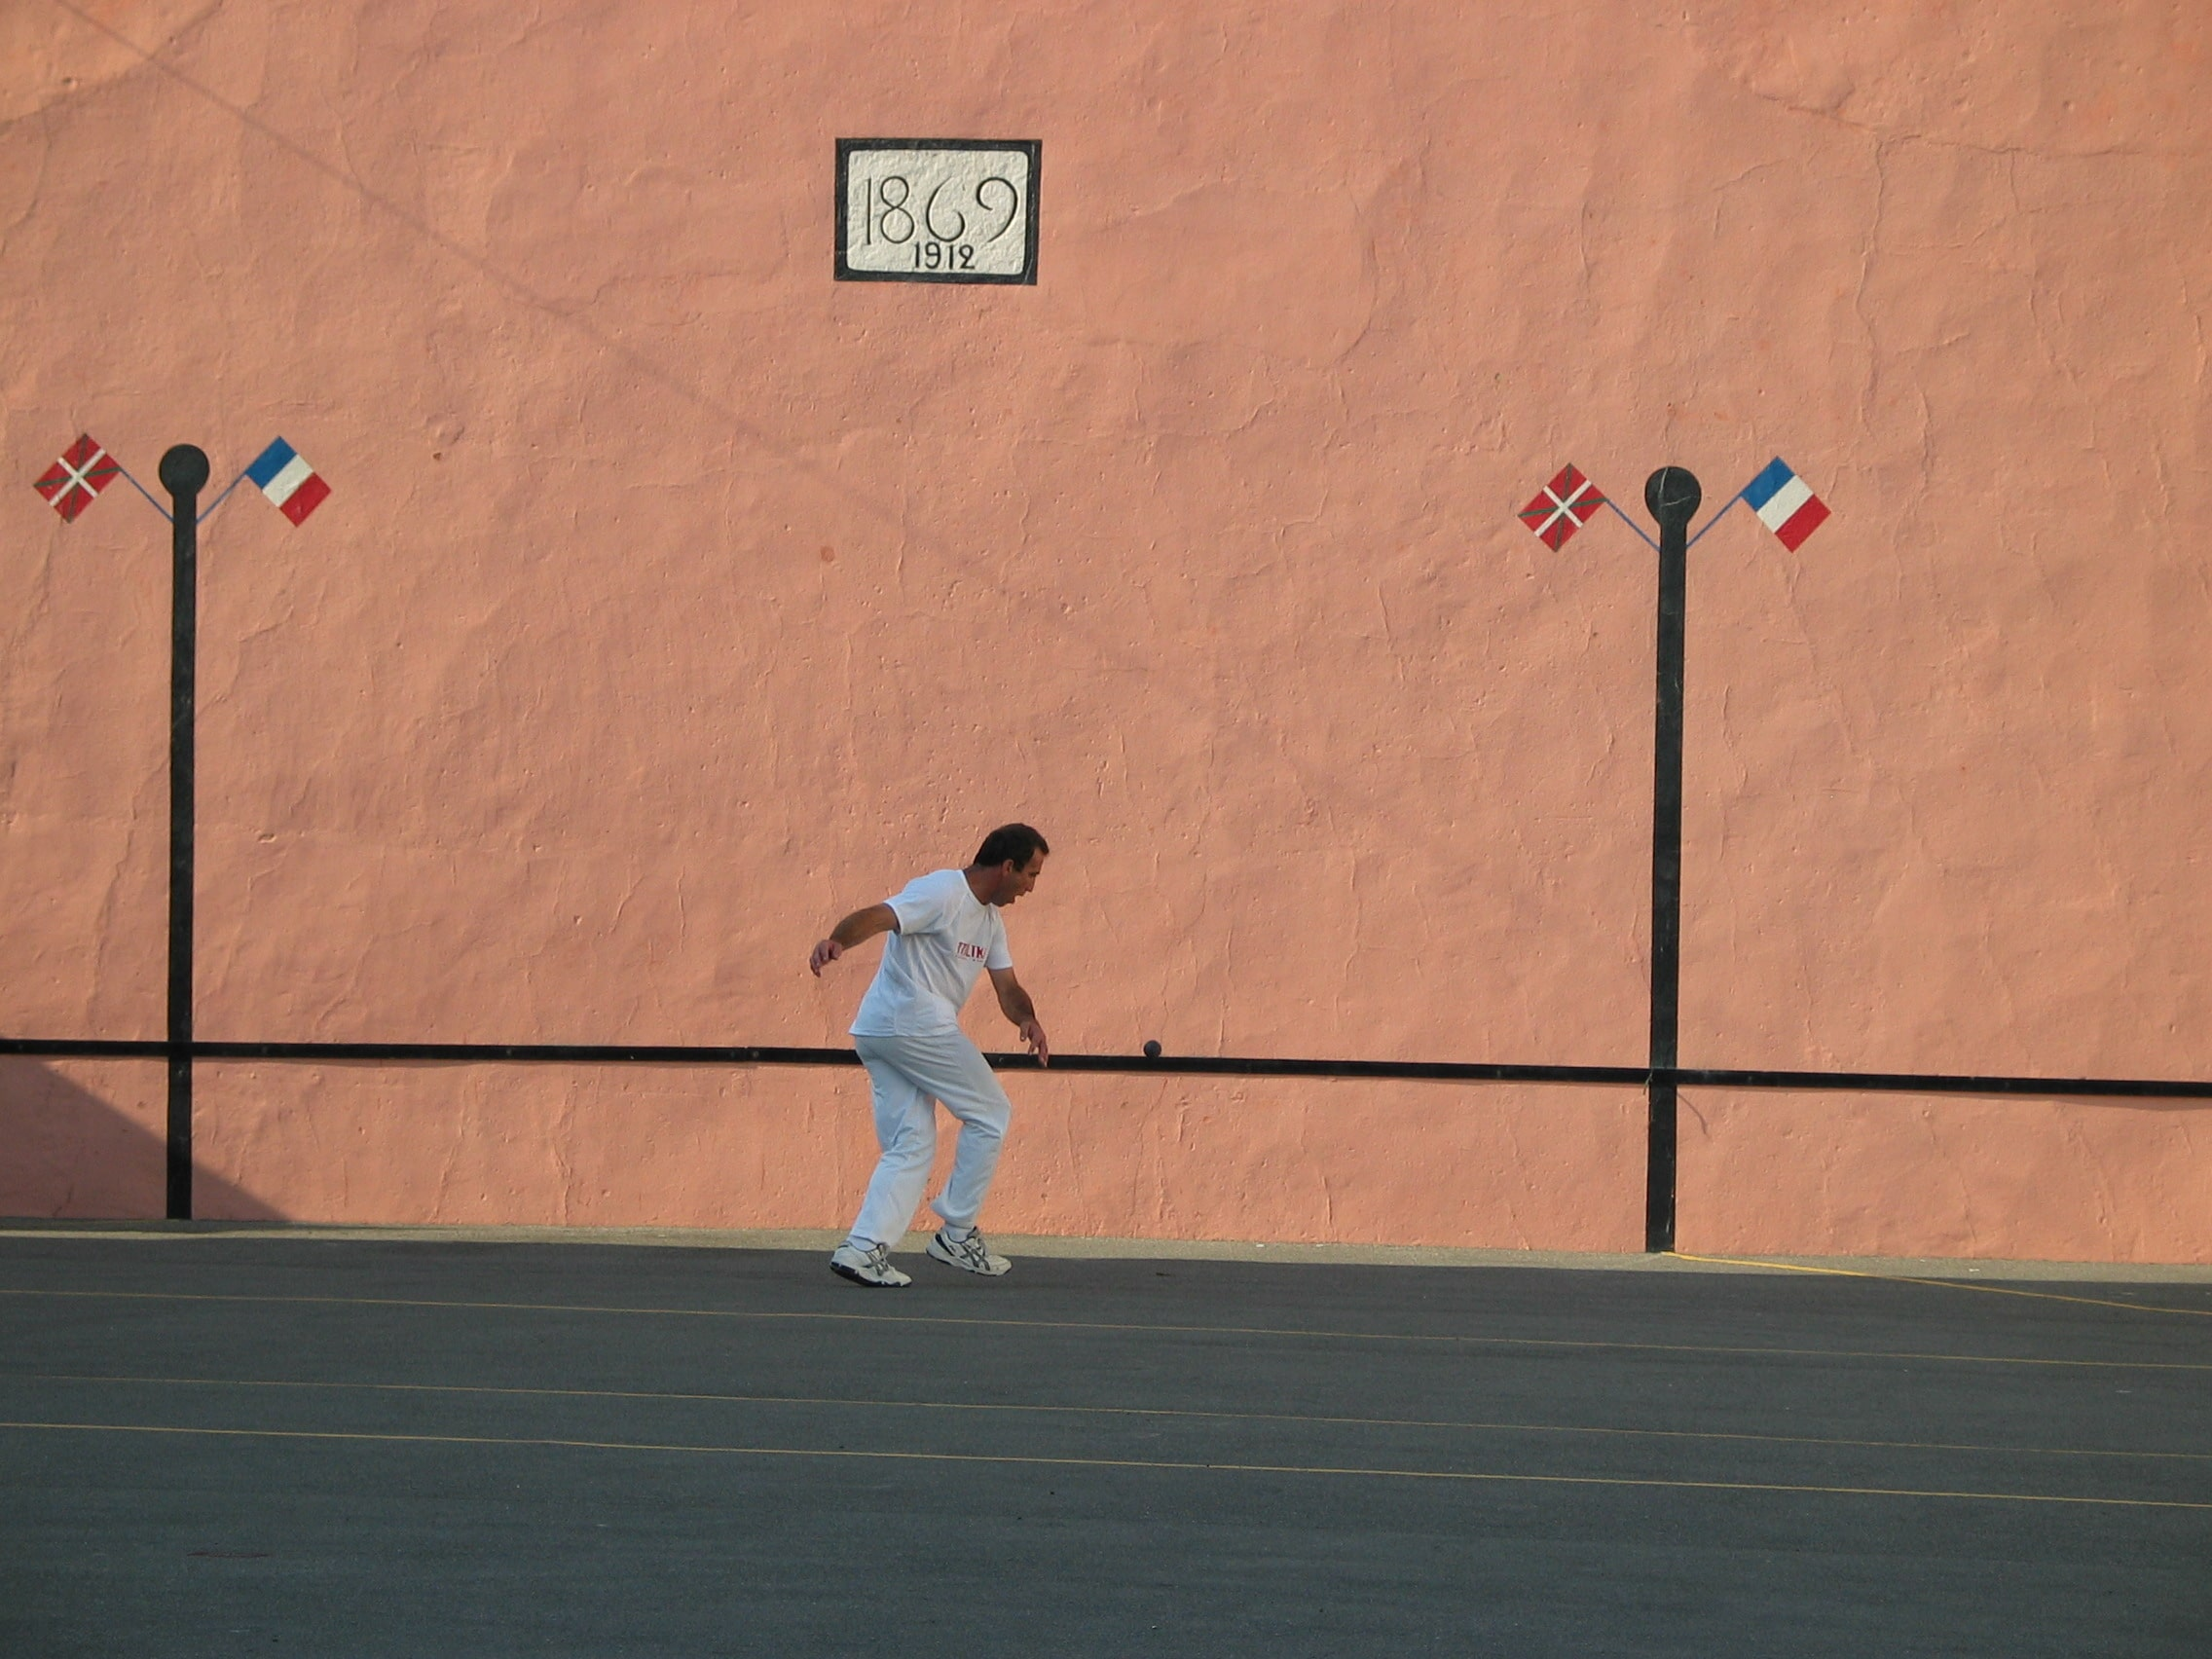 Joueur de pelote basque